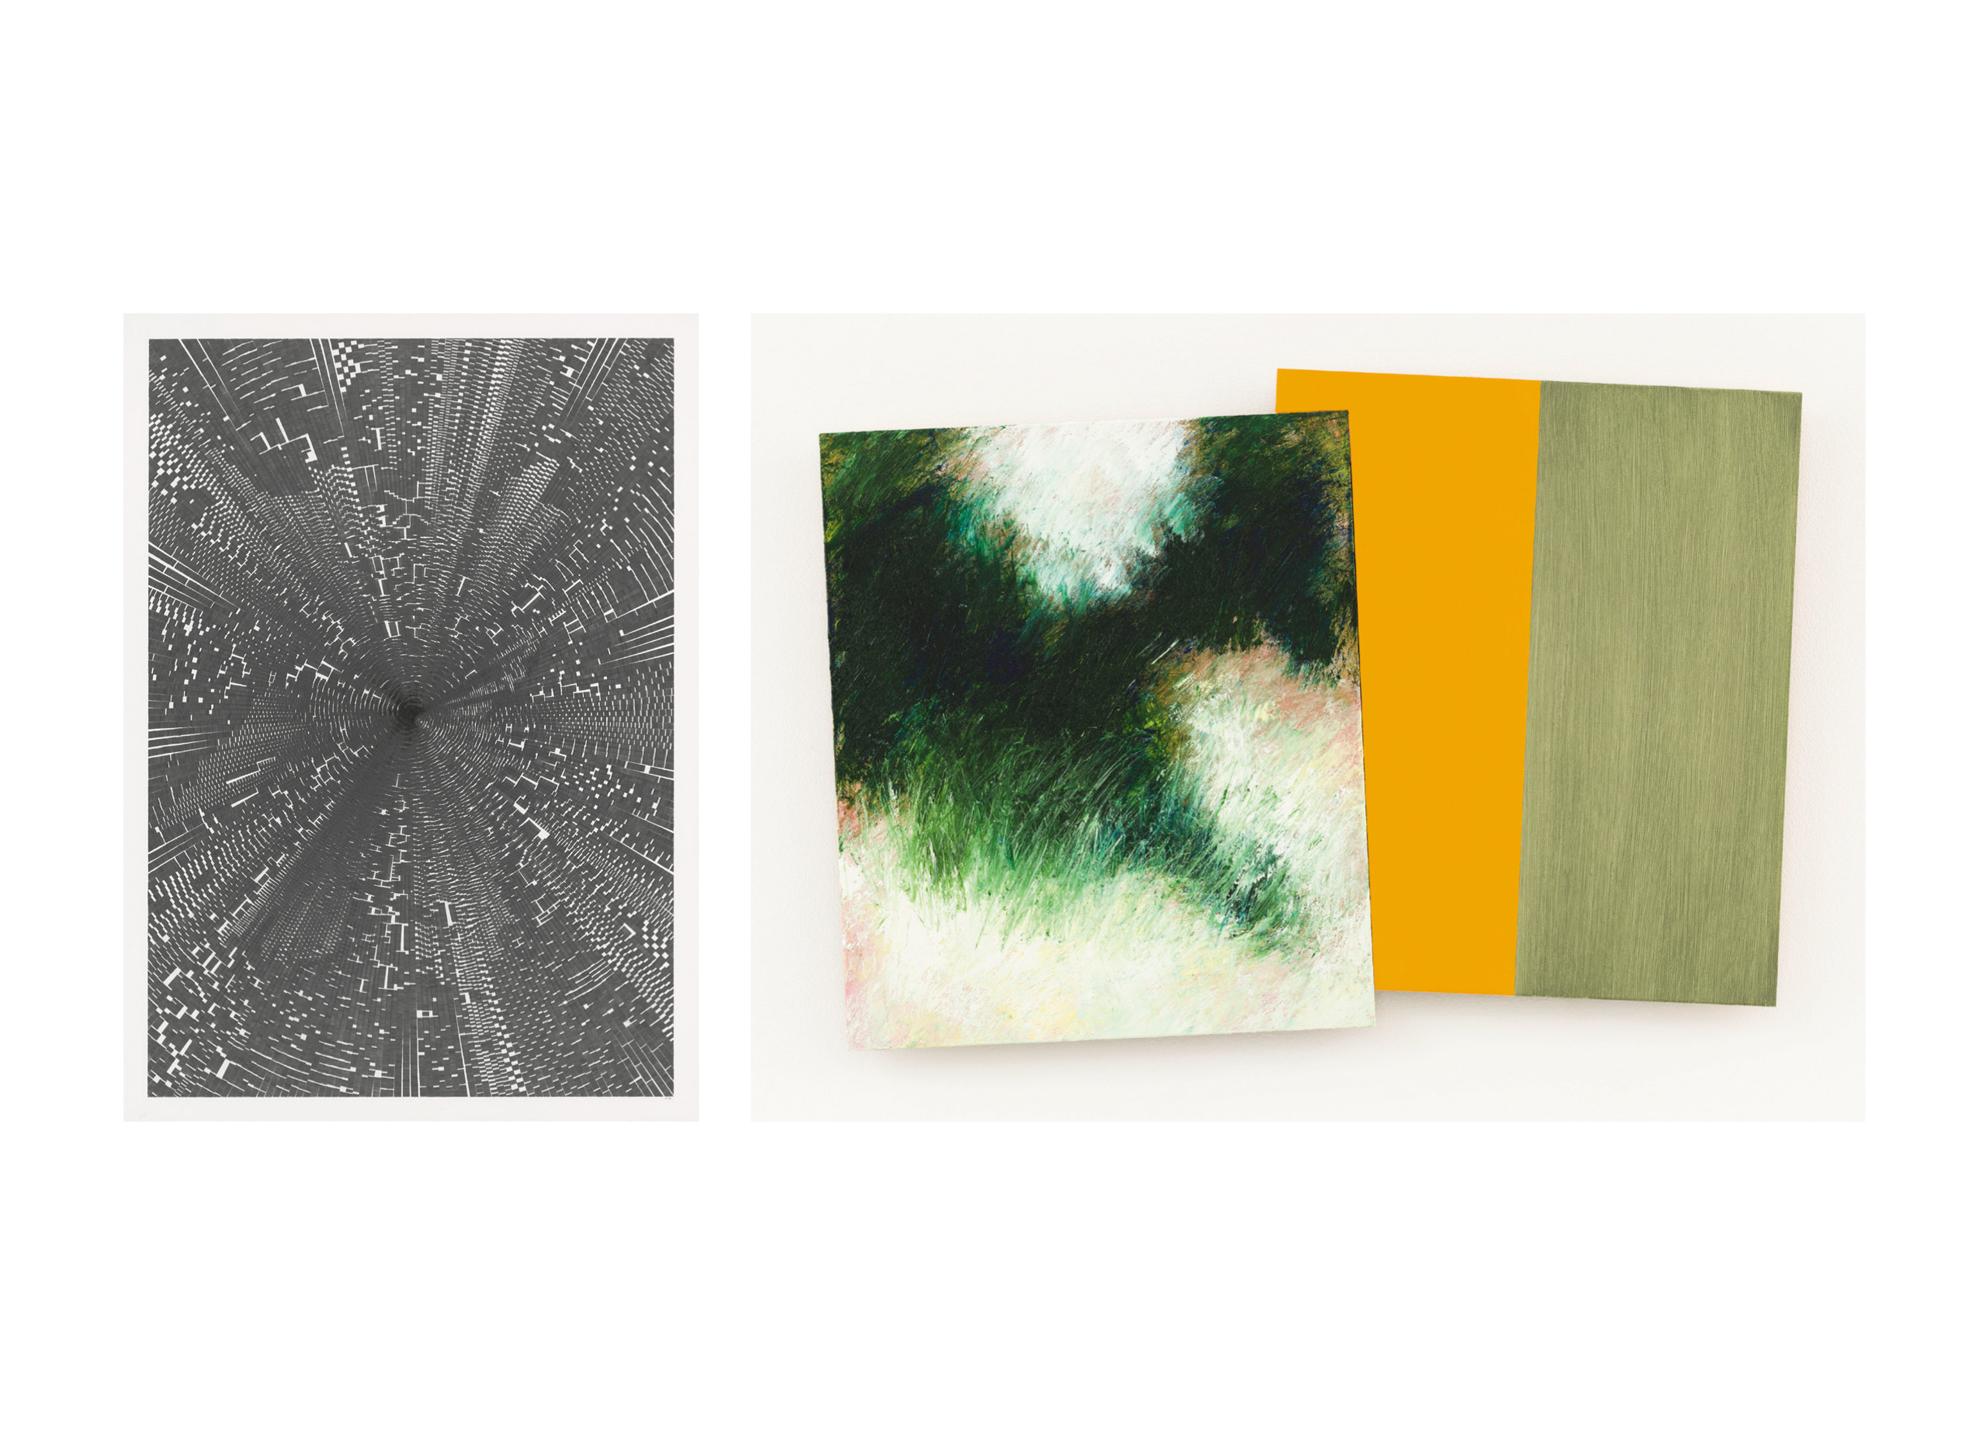 GalerieWilms_expositie_AlexandraBert.indd